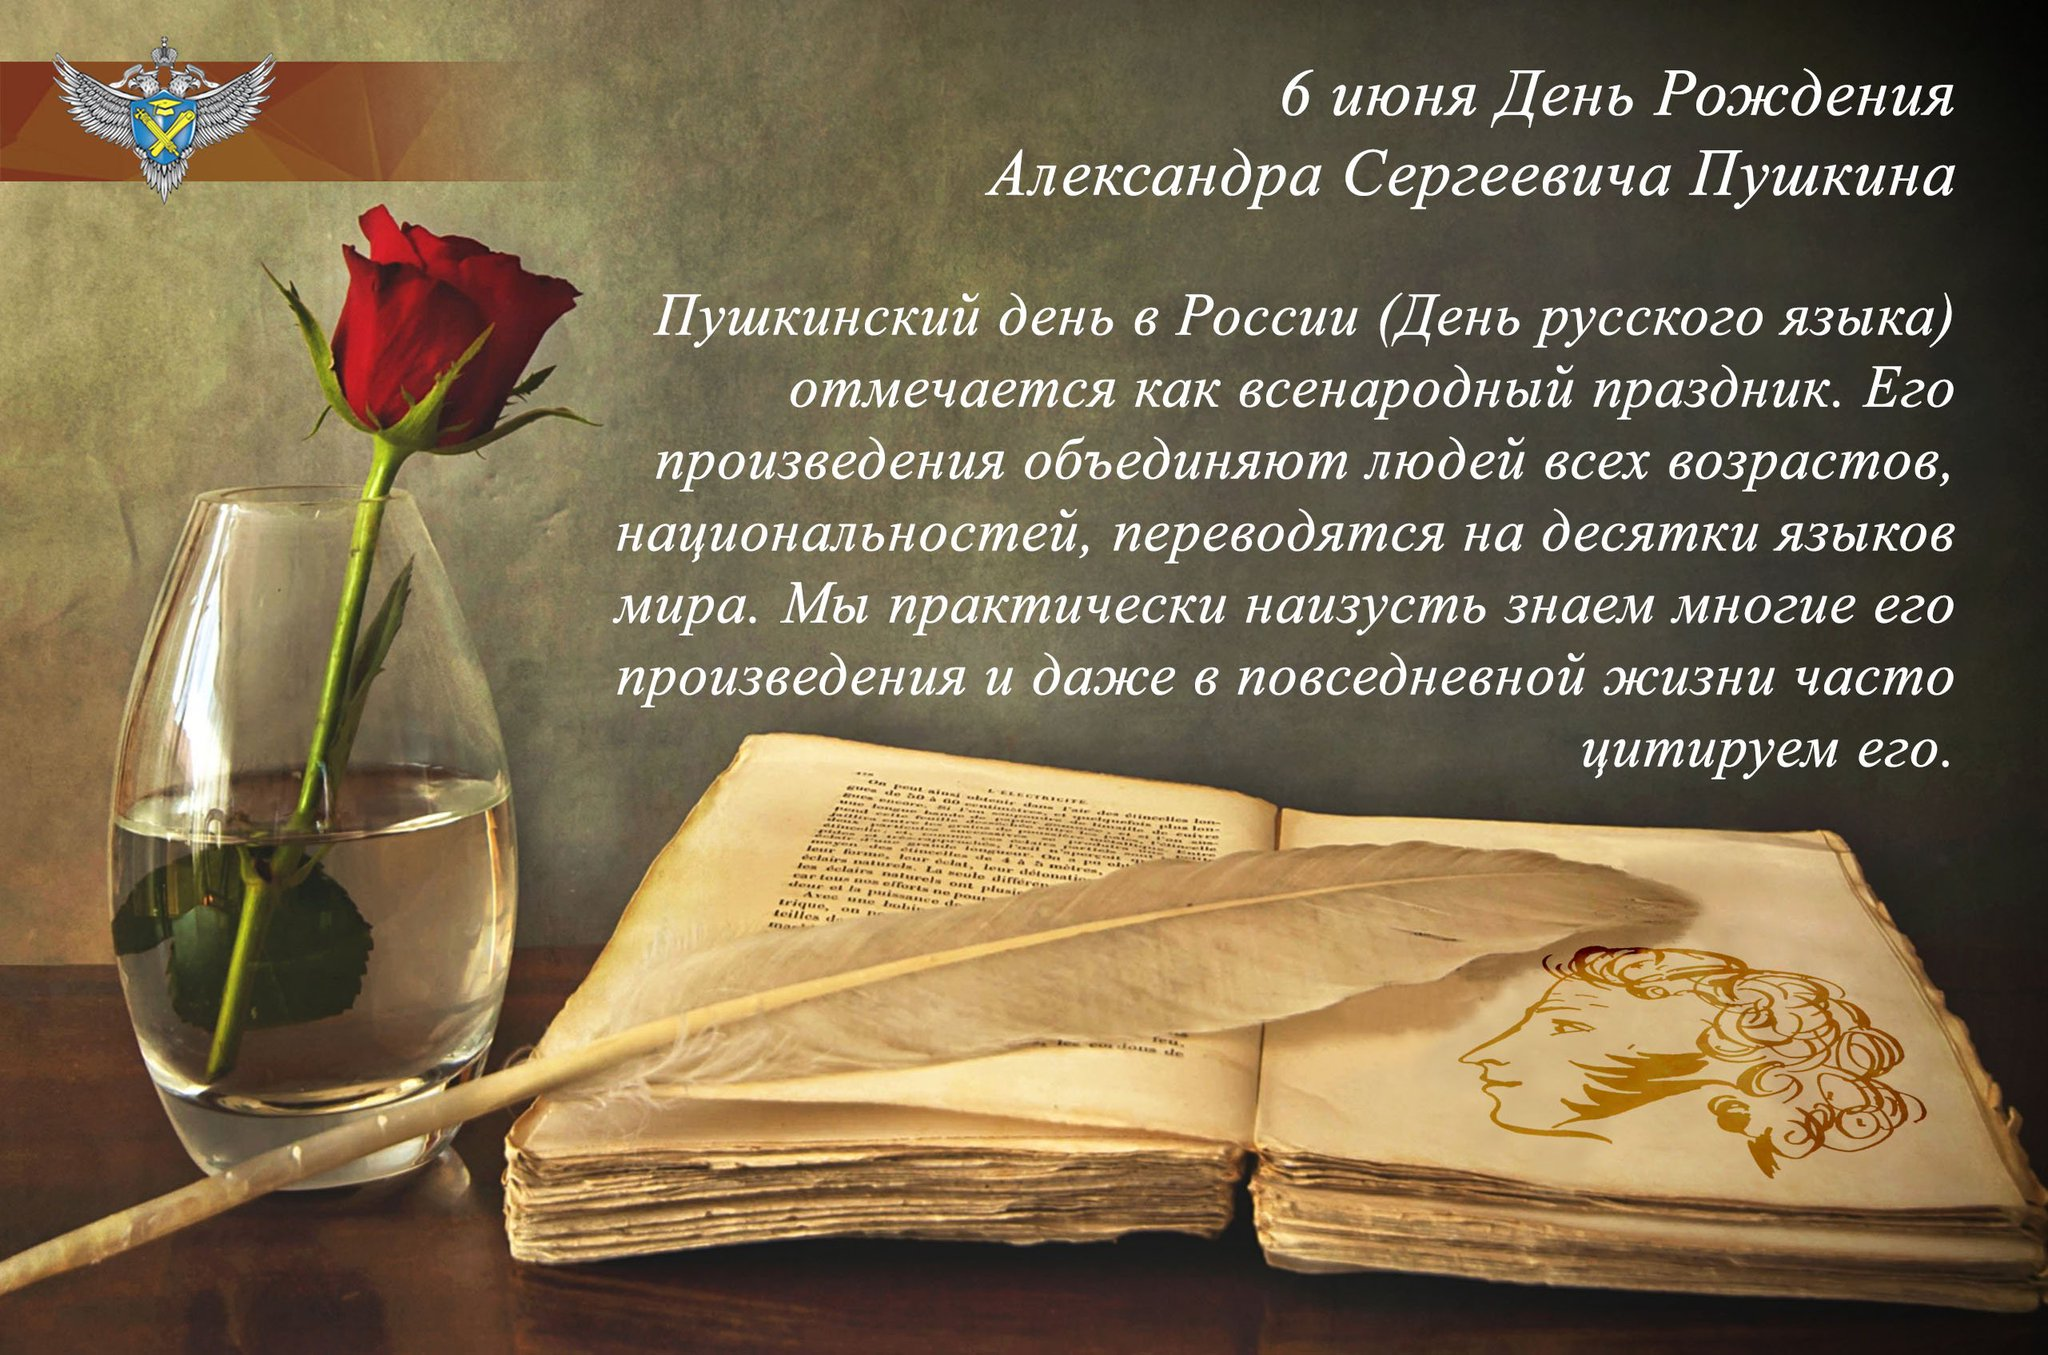 термопанели стихи с днем рождения пушкина цангового